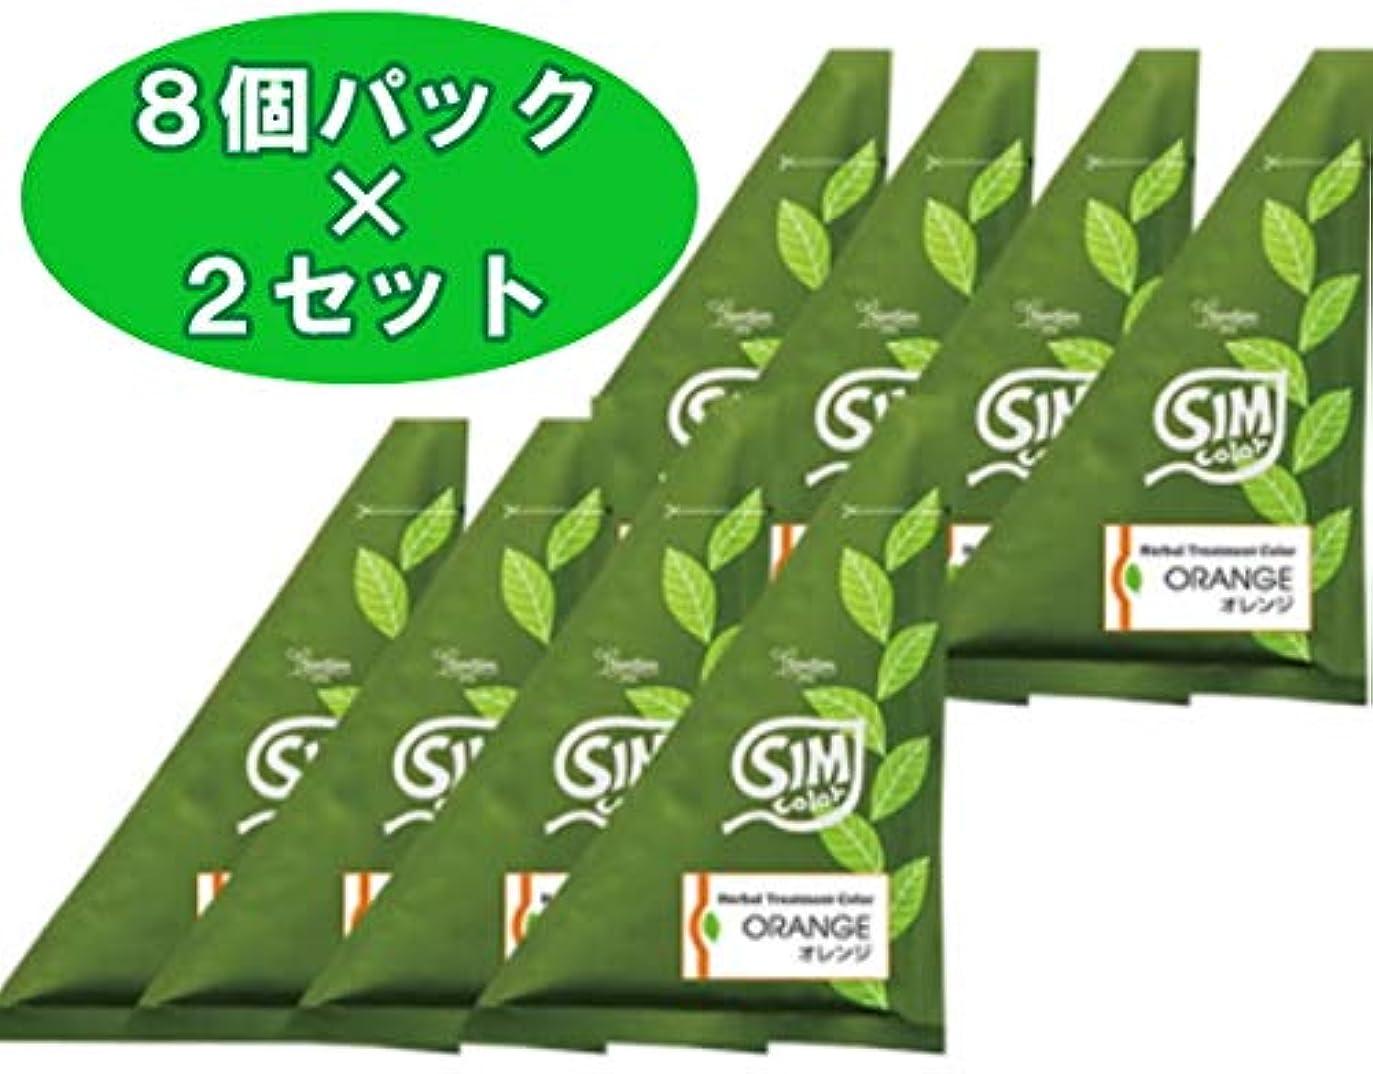 奪う知的レポートを書く【 2セット 】SimSim(シムシム)お手軽簡単シムカラーエクストラ(EX)25g 8袋X2セット (オレンジ)